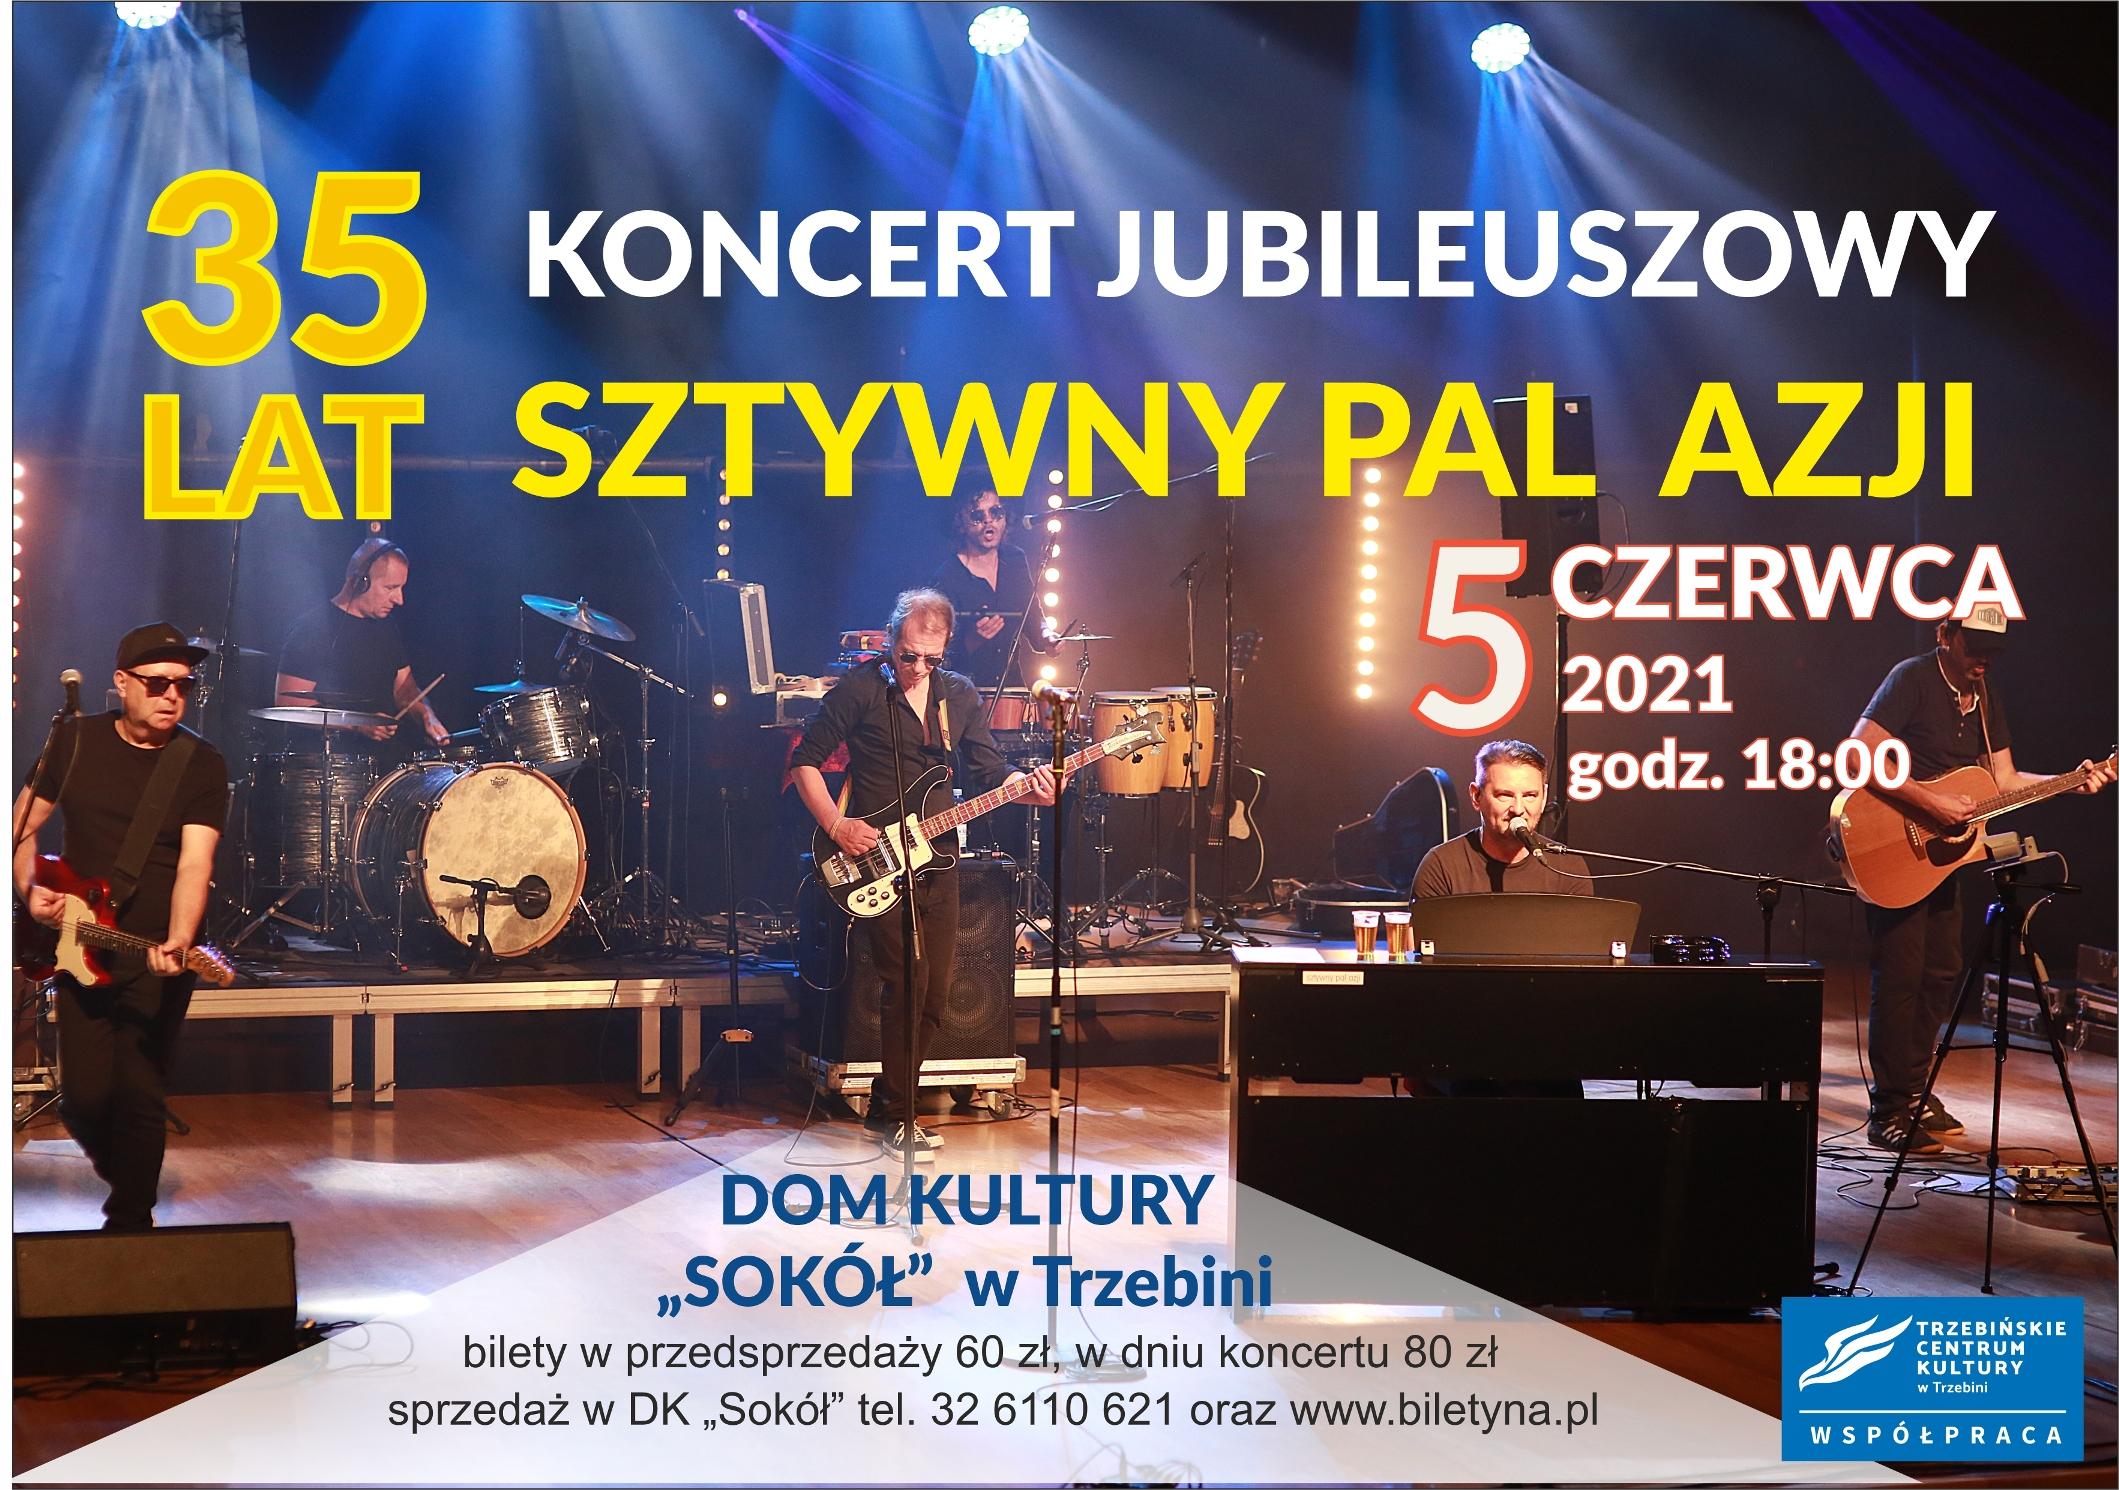 Sztywny Pal Azji - koncert jubileuszowy